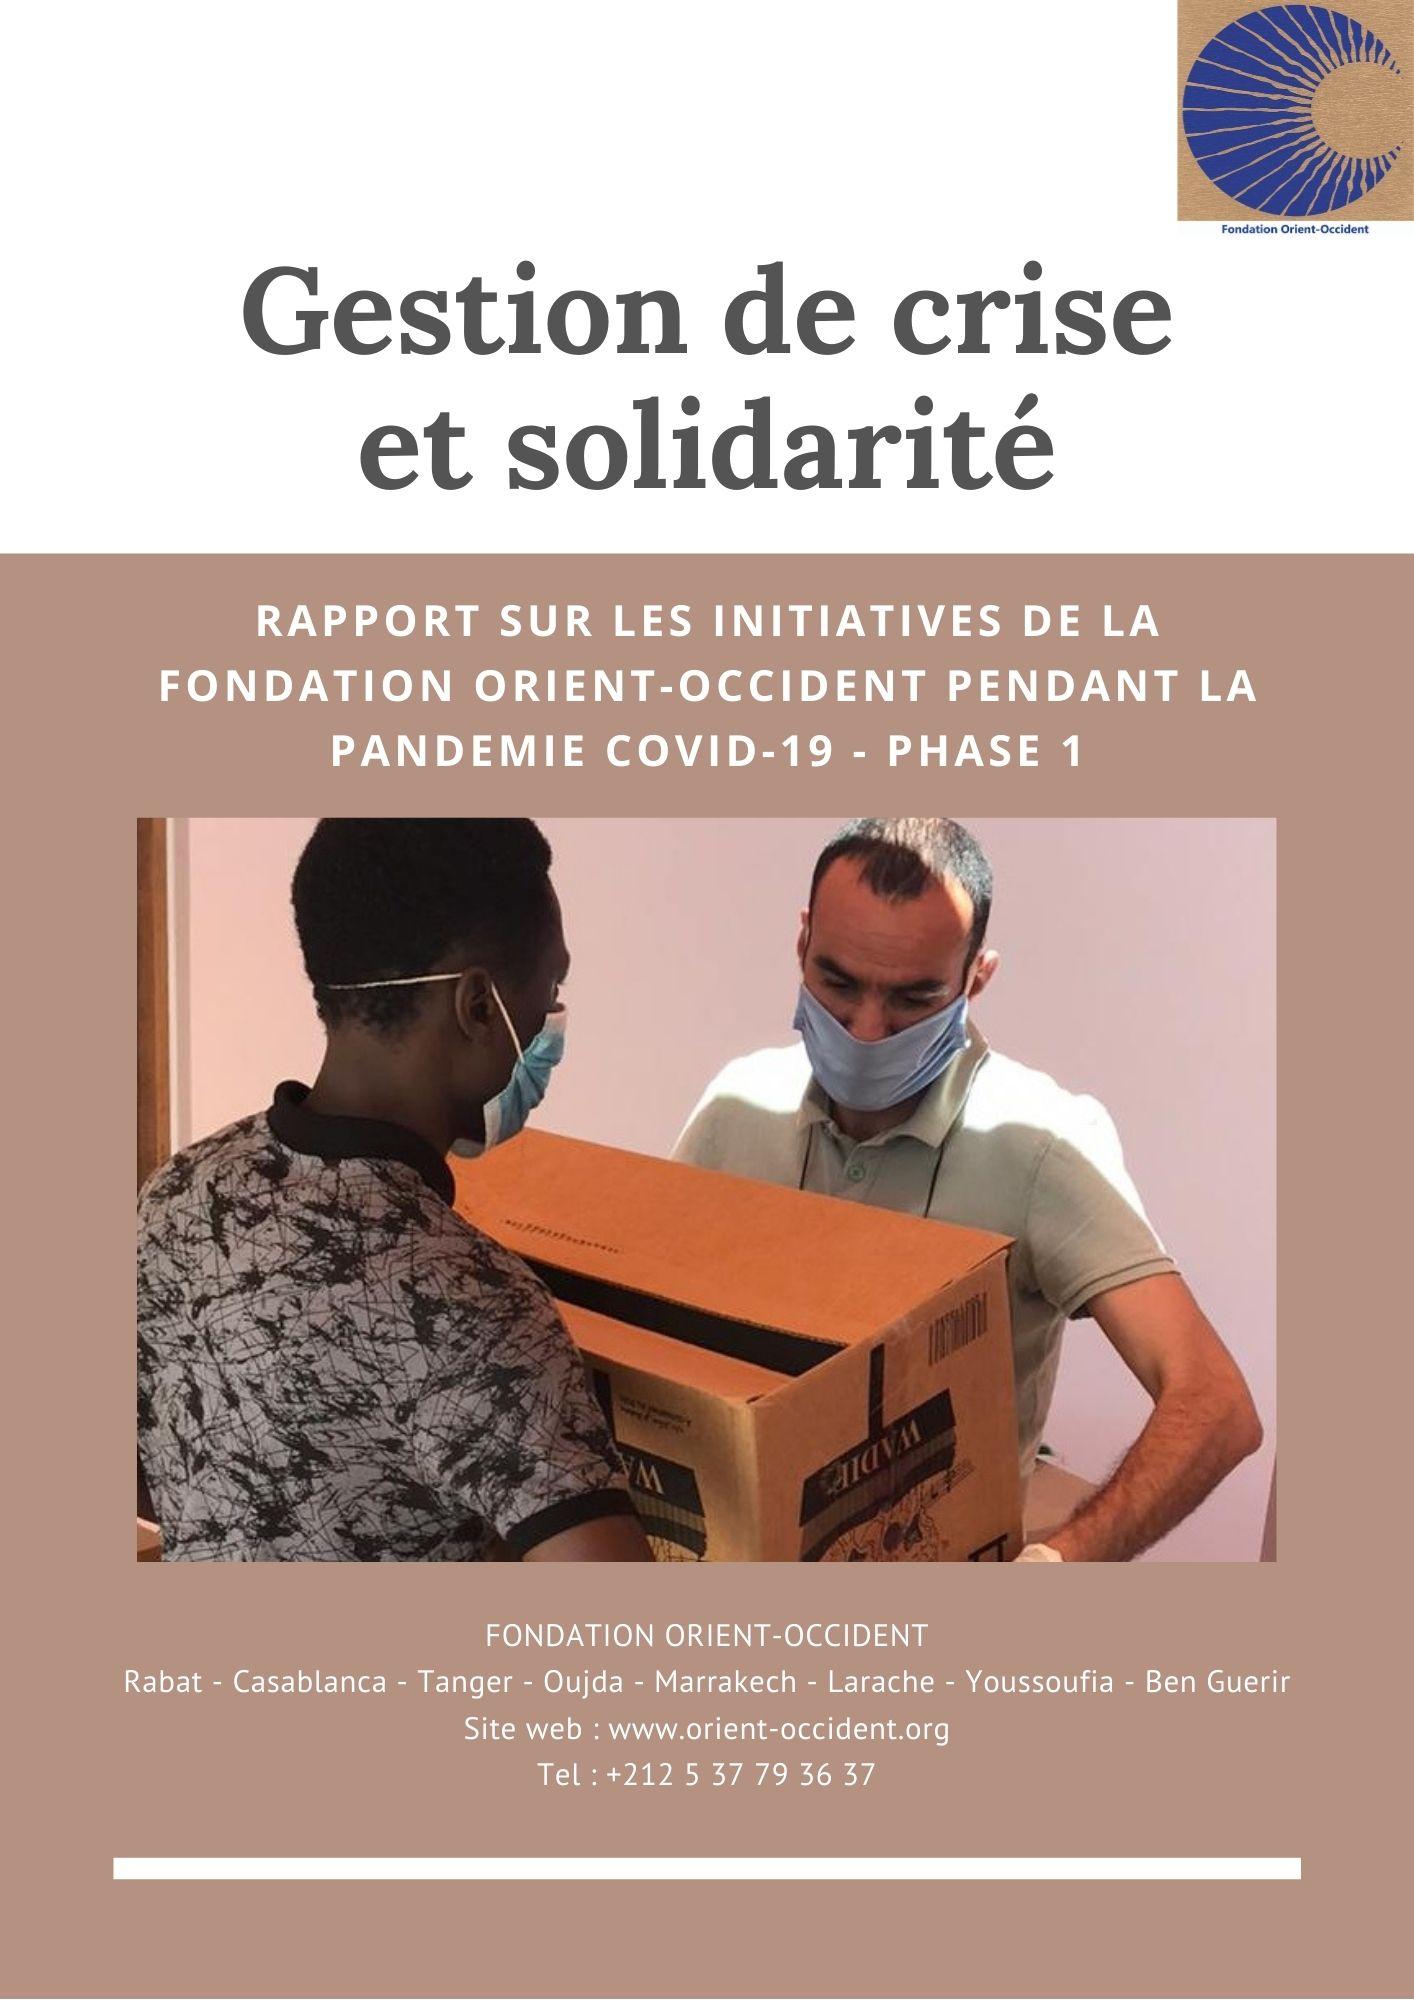 Rapport – Gestion de crise et solidarité – Covid-19 phase 1